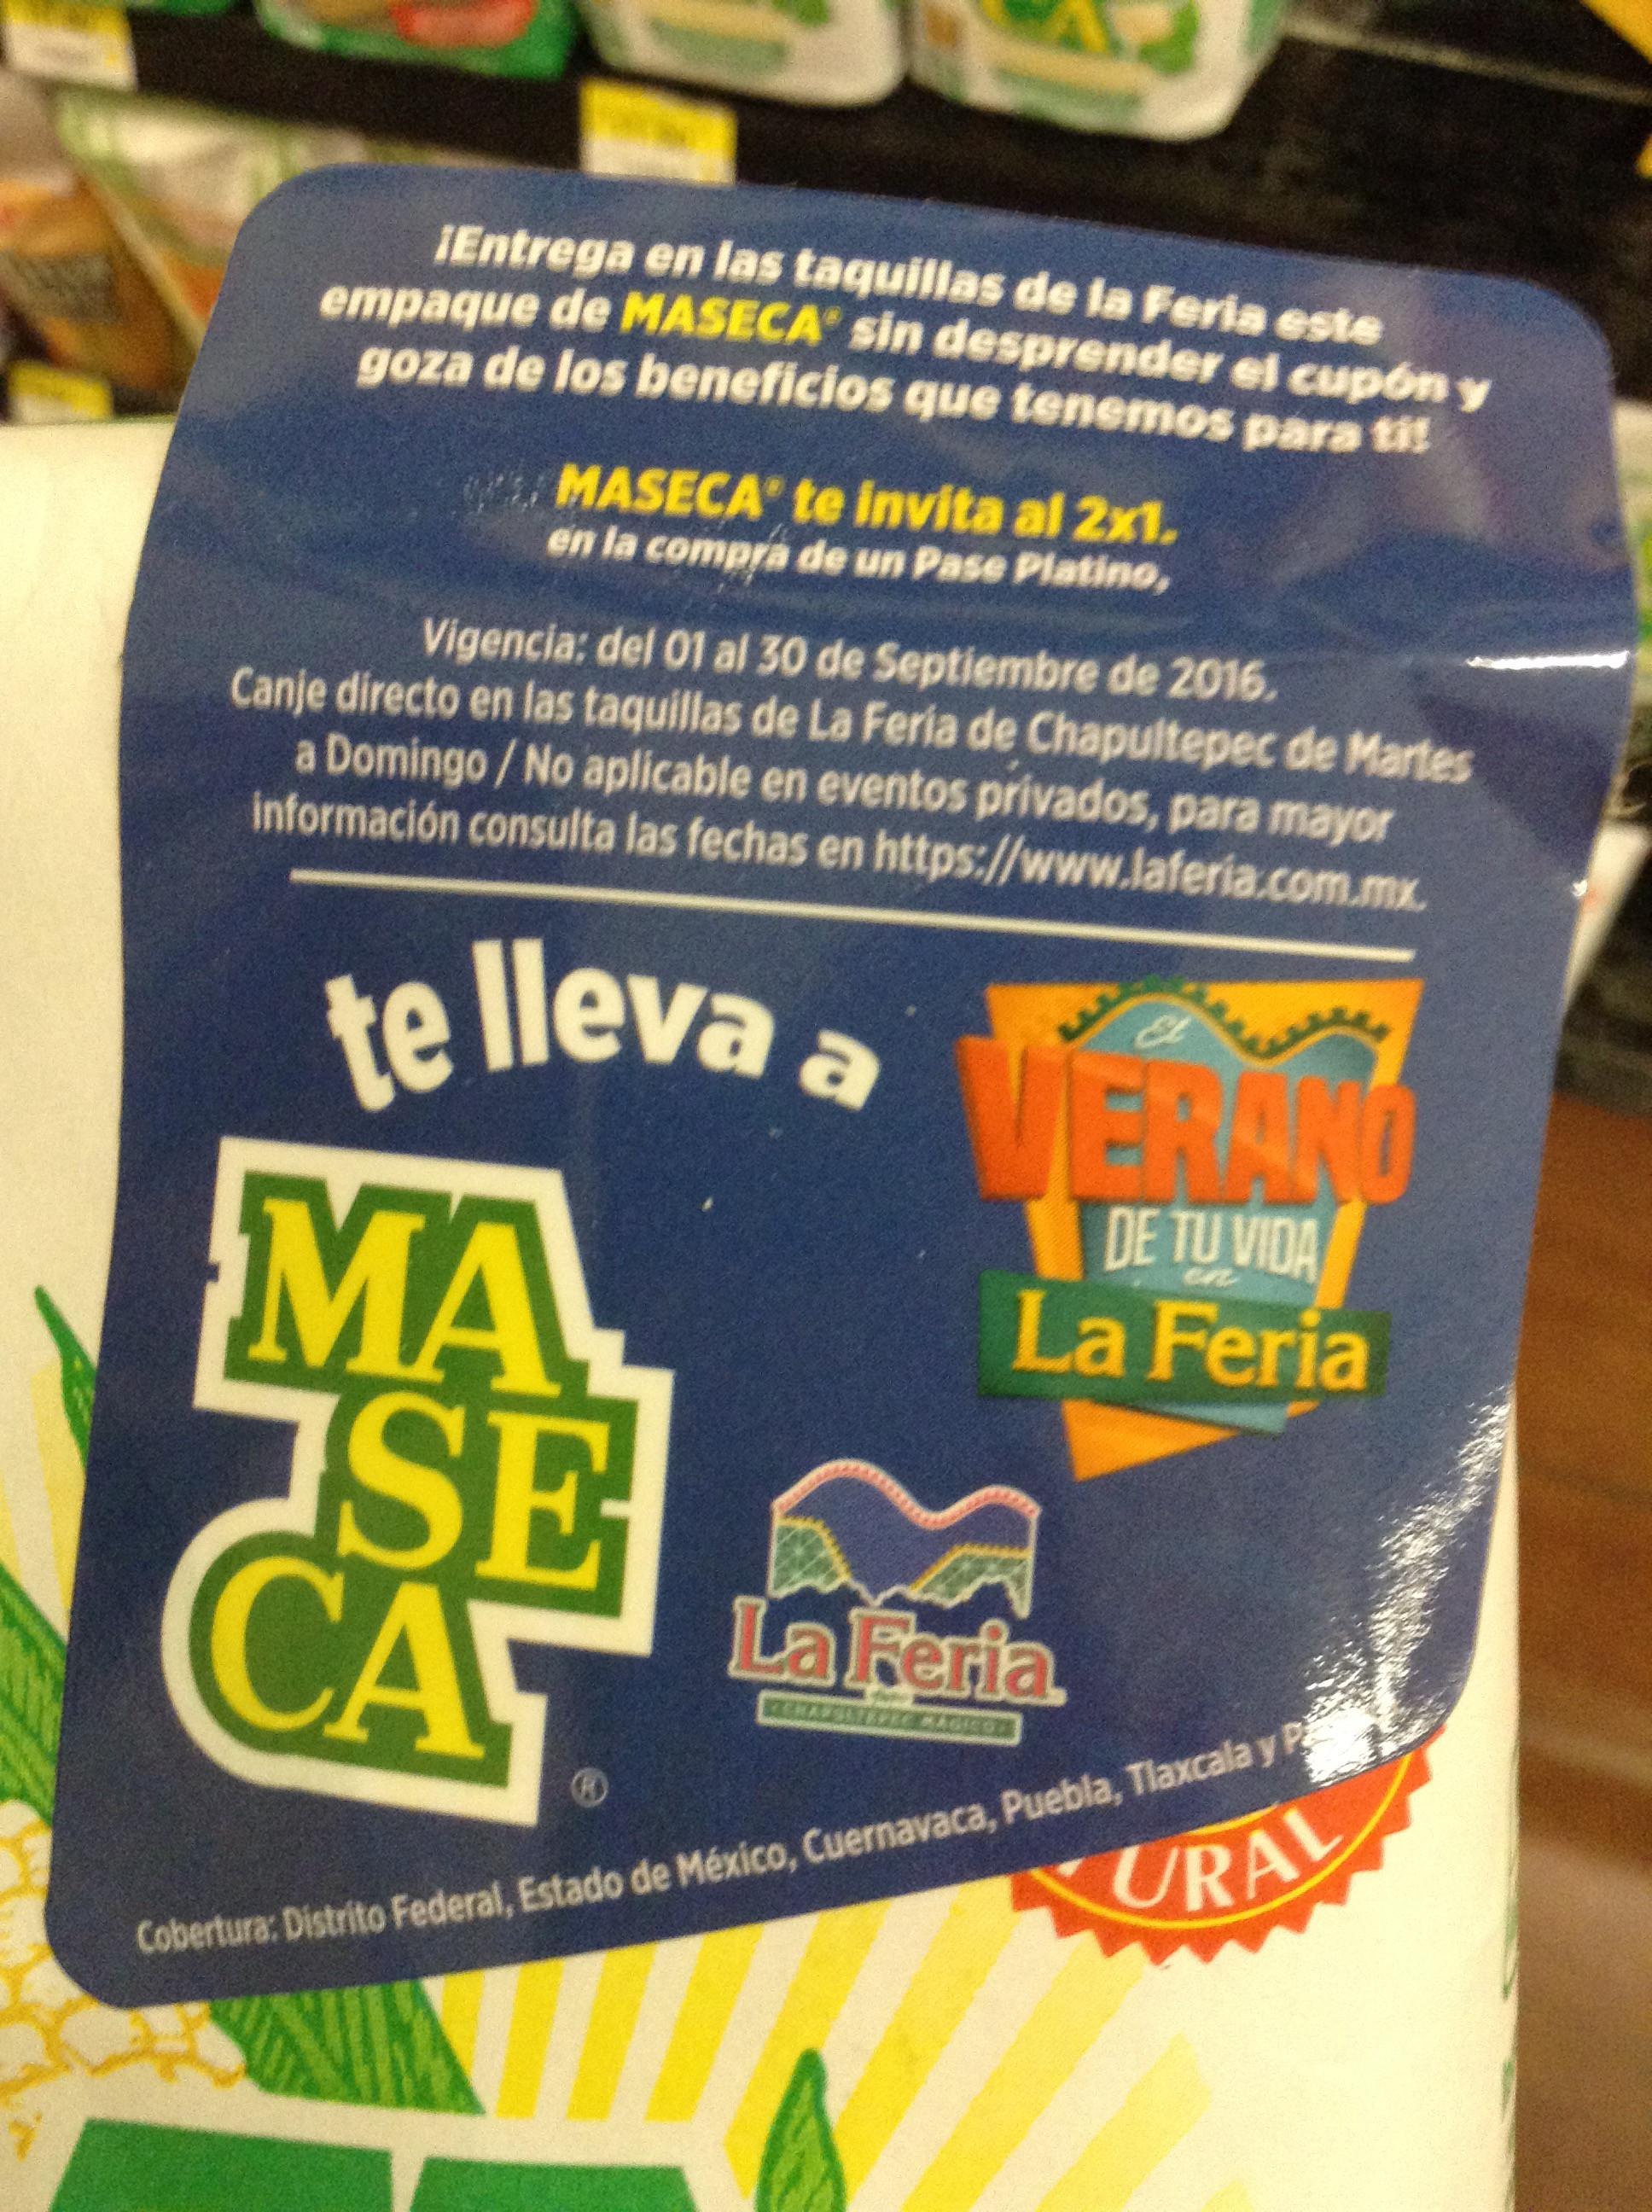 La Feria: cupón 2x1 en pase platino comprando Maseca